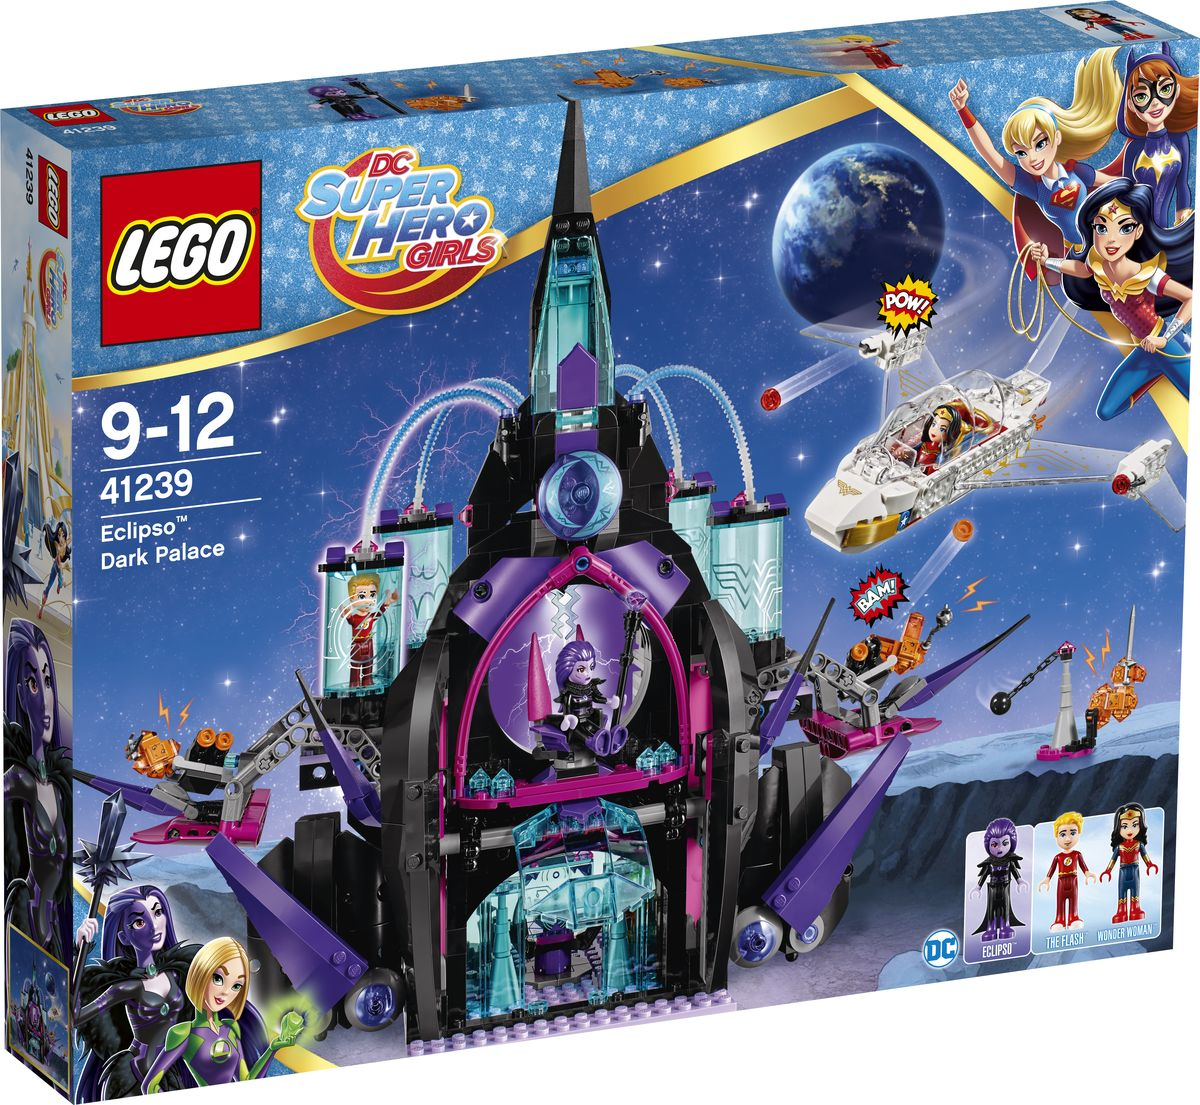 LEGO DC Super Hero Girls Конструктор Темный дворец Эклипсо 41239 lego super hero girls 41238 конструктор лего супергёрлз фабрика криптомитов лены лютор